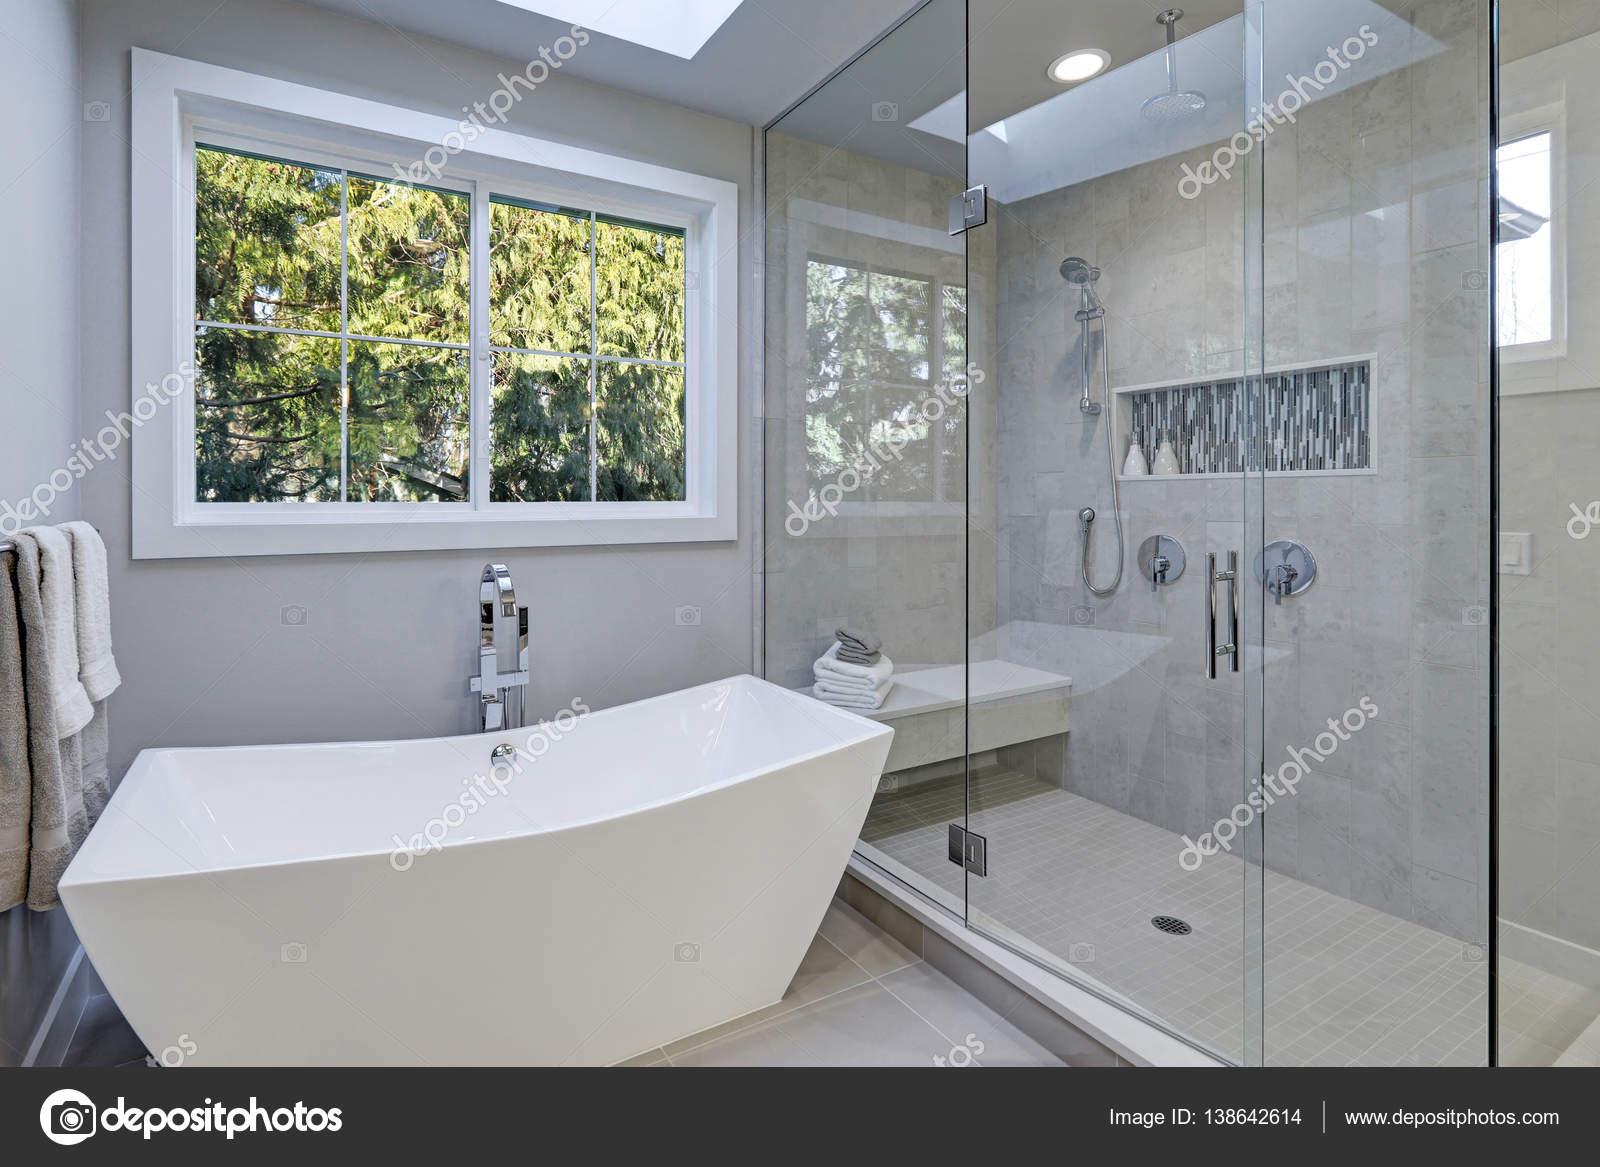 Badkamer tegels inloopdouche glazen inloopdouche in een badkamer